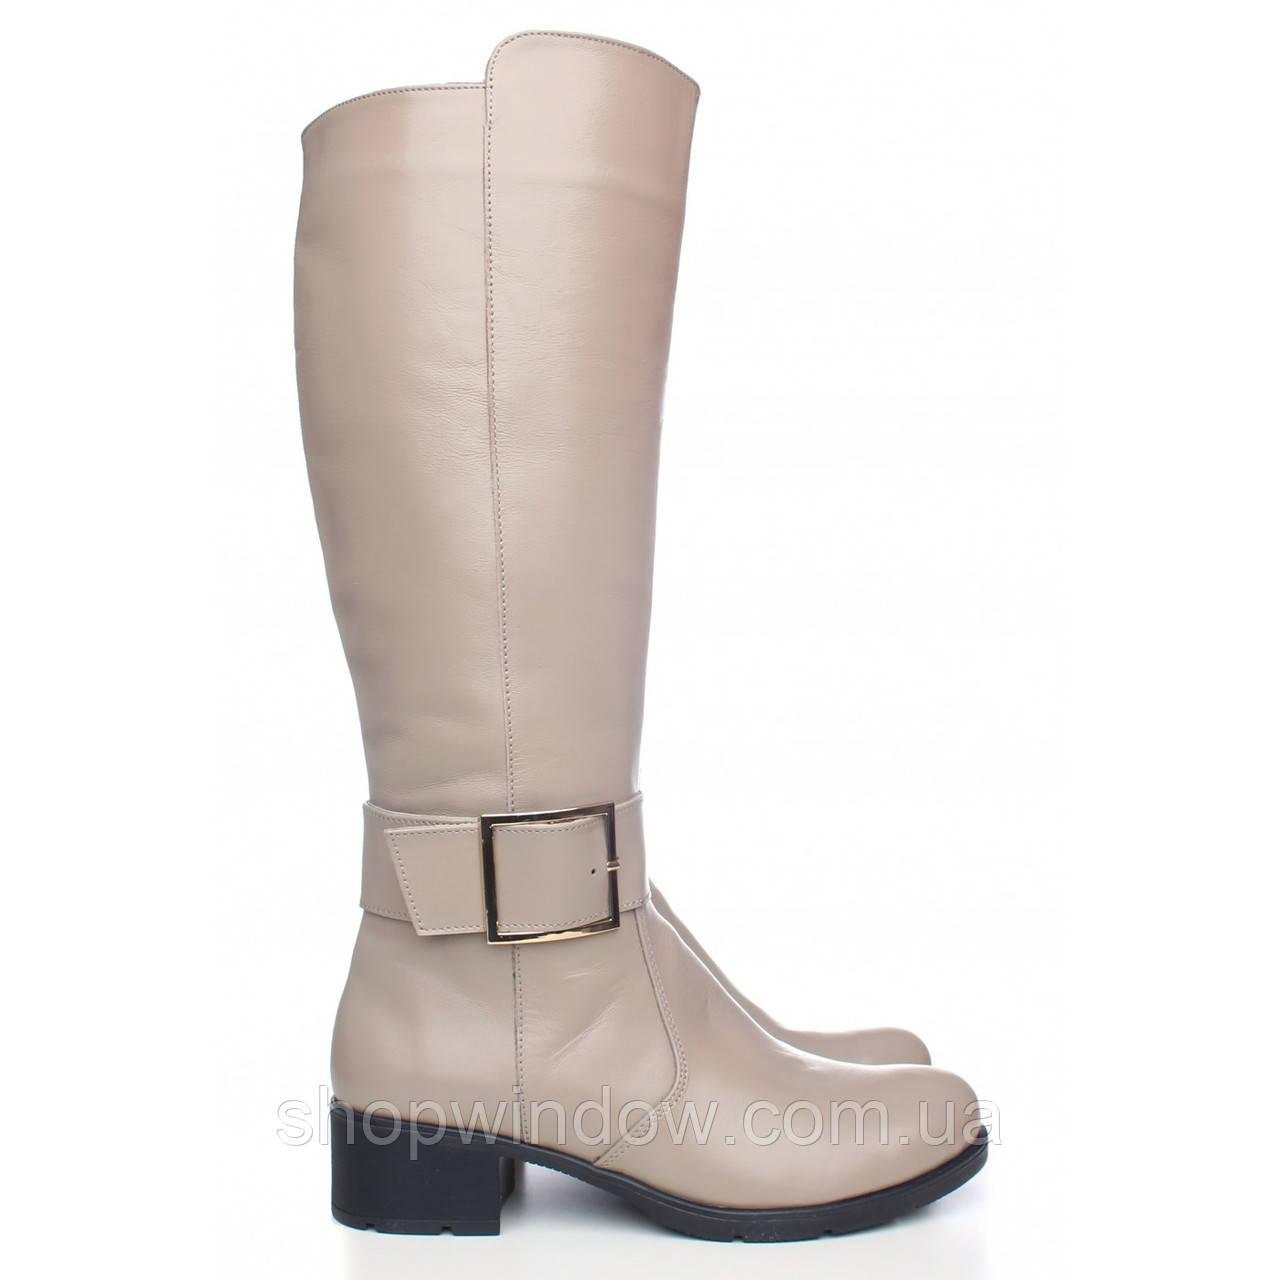 Бежевые демисезонные сапоги. Элегантные женские кожаные сапоги. Лучший  выбор! Стильные сапоги! - 427a78c62b1